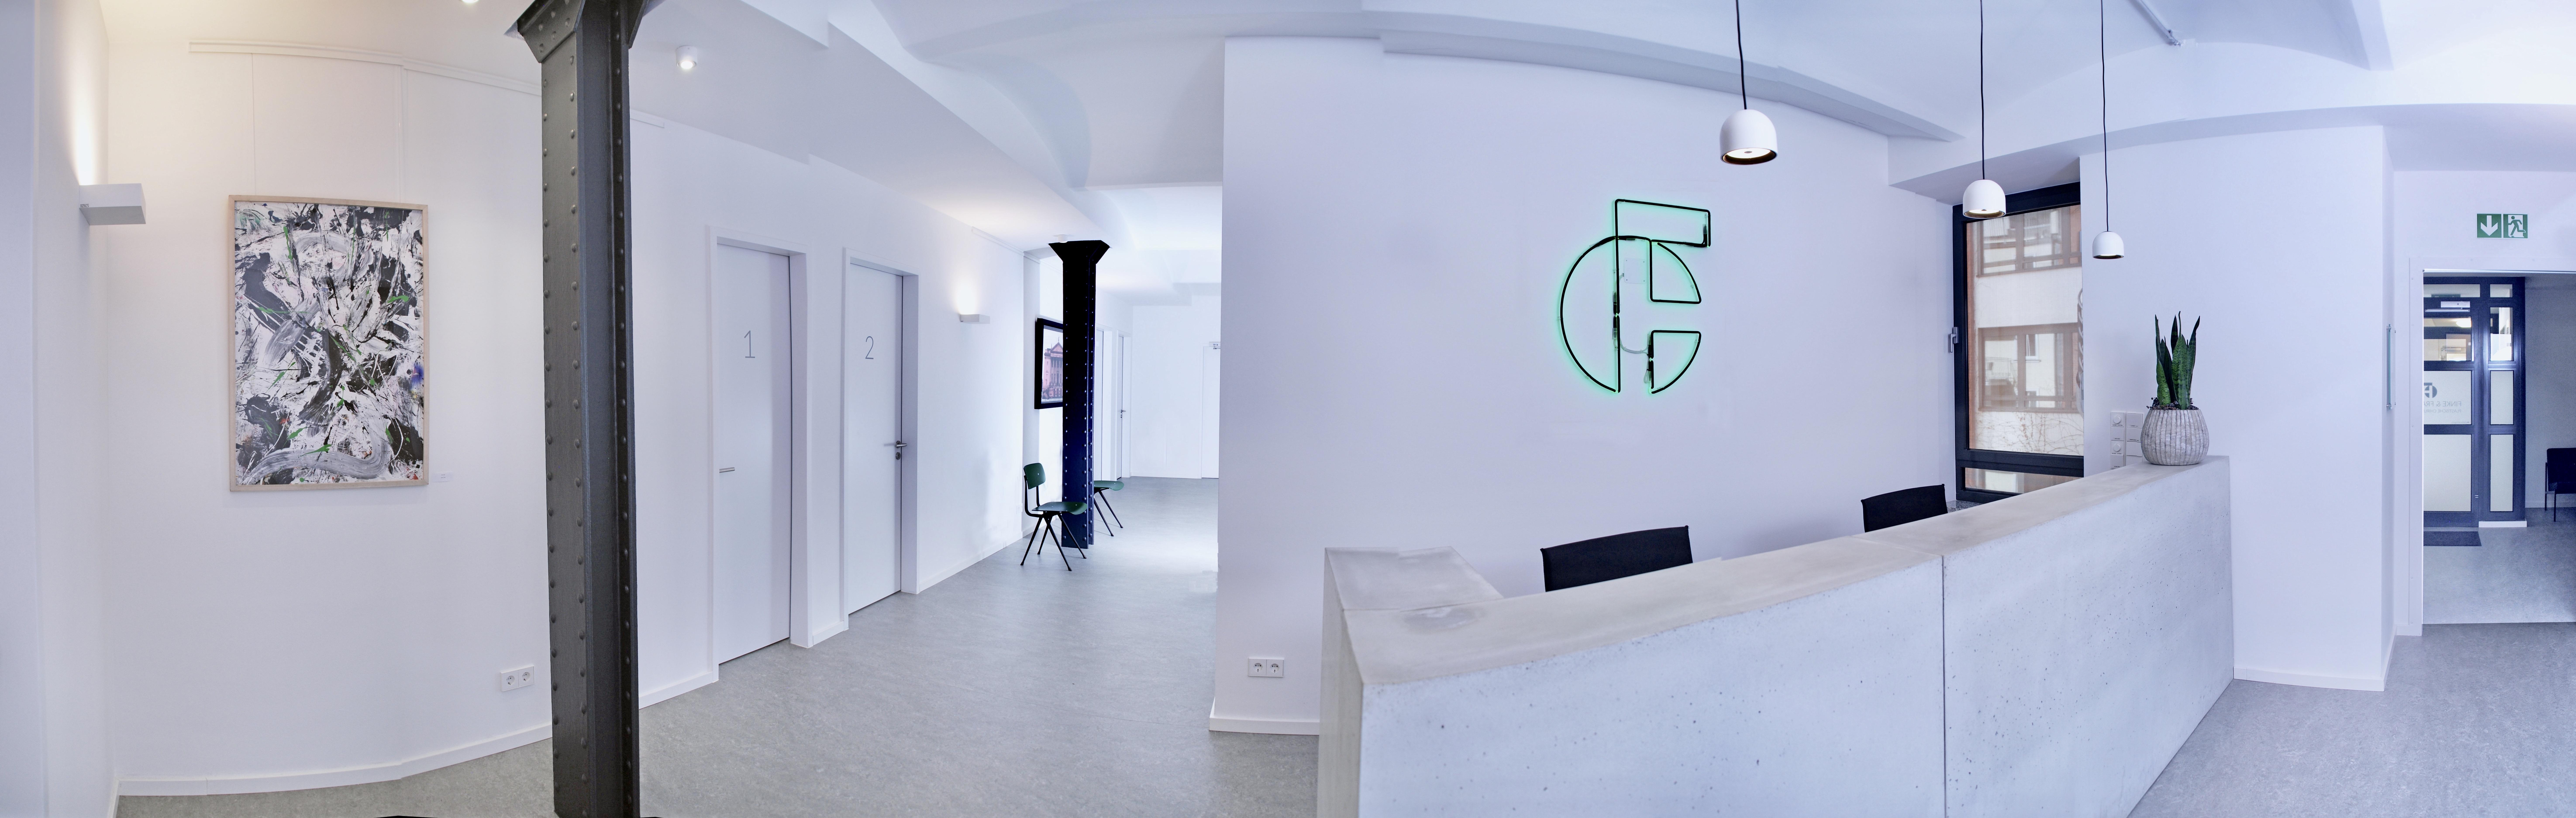 Treten Sie ein in unsere freundliche und helle Praxis in Berlin Prenzlauer Berg mit modernster Ausstattung.